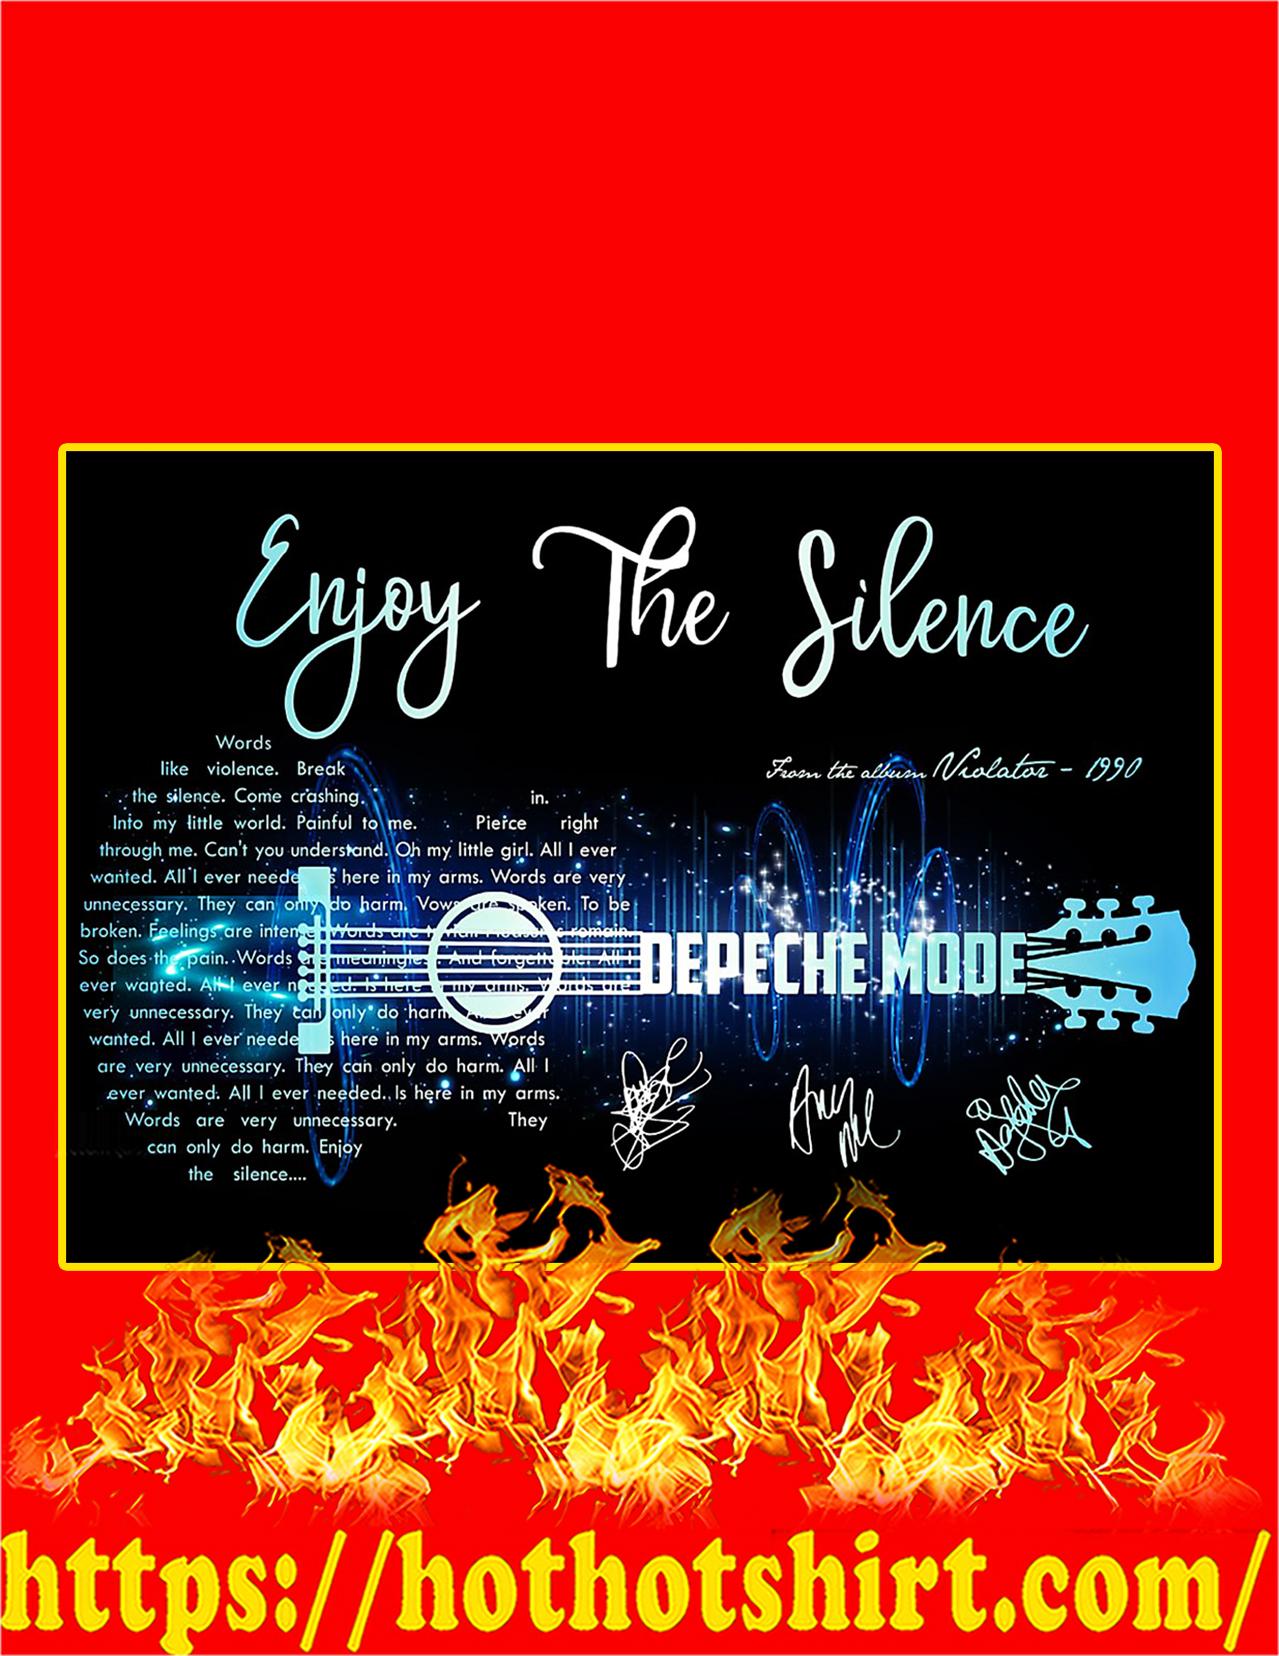 Enjoy The Silence Depeche Mode Signature Guitar Poster - A4